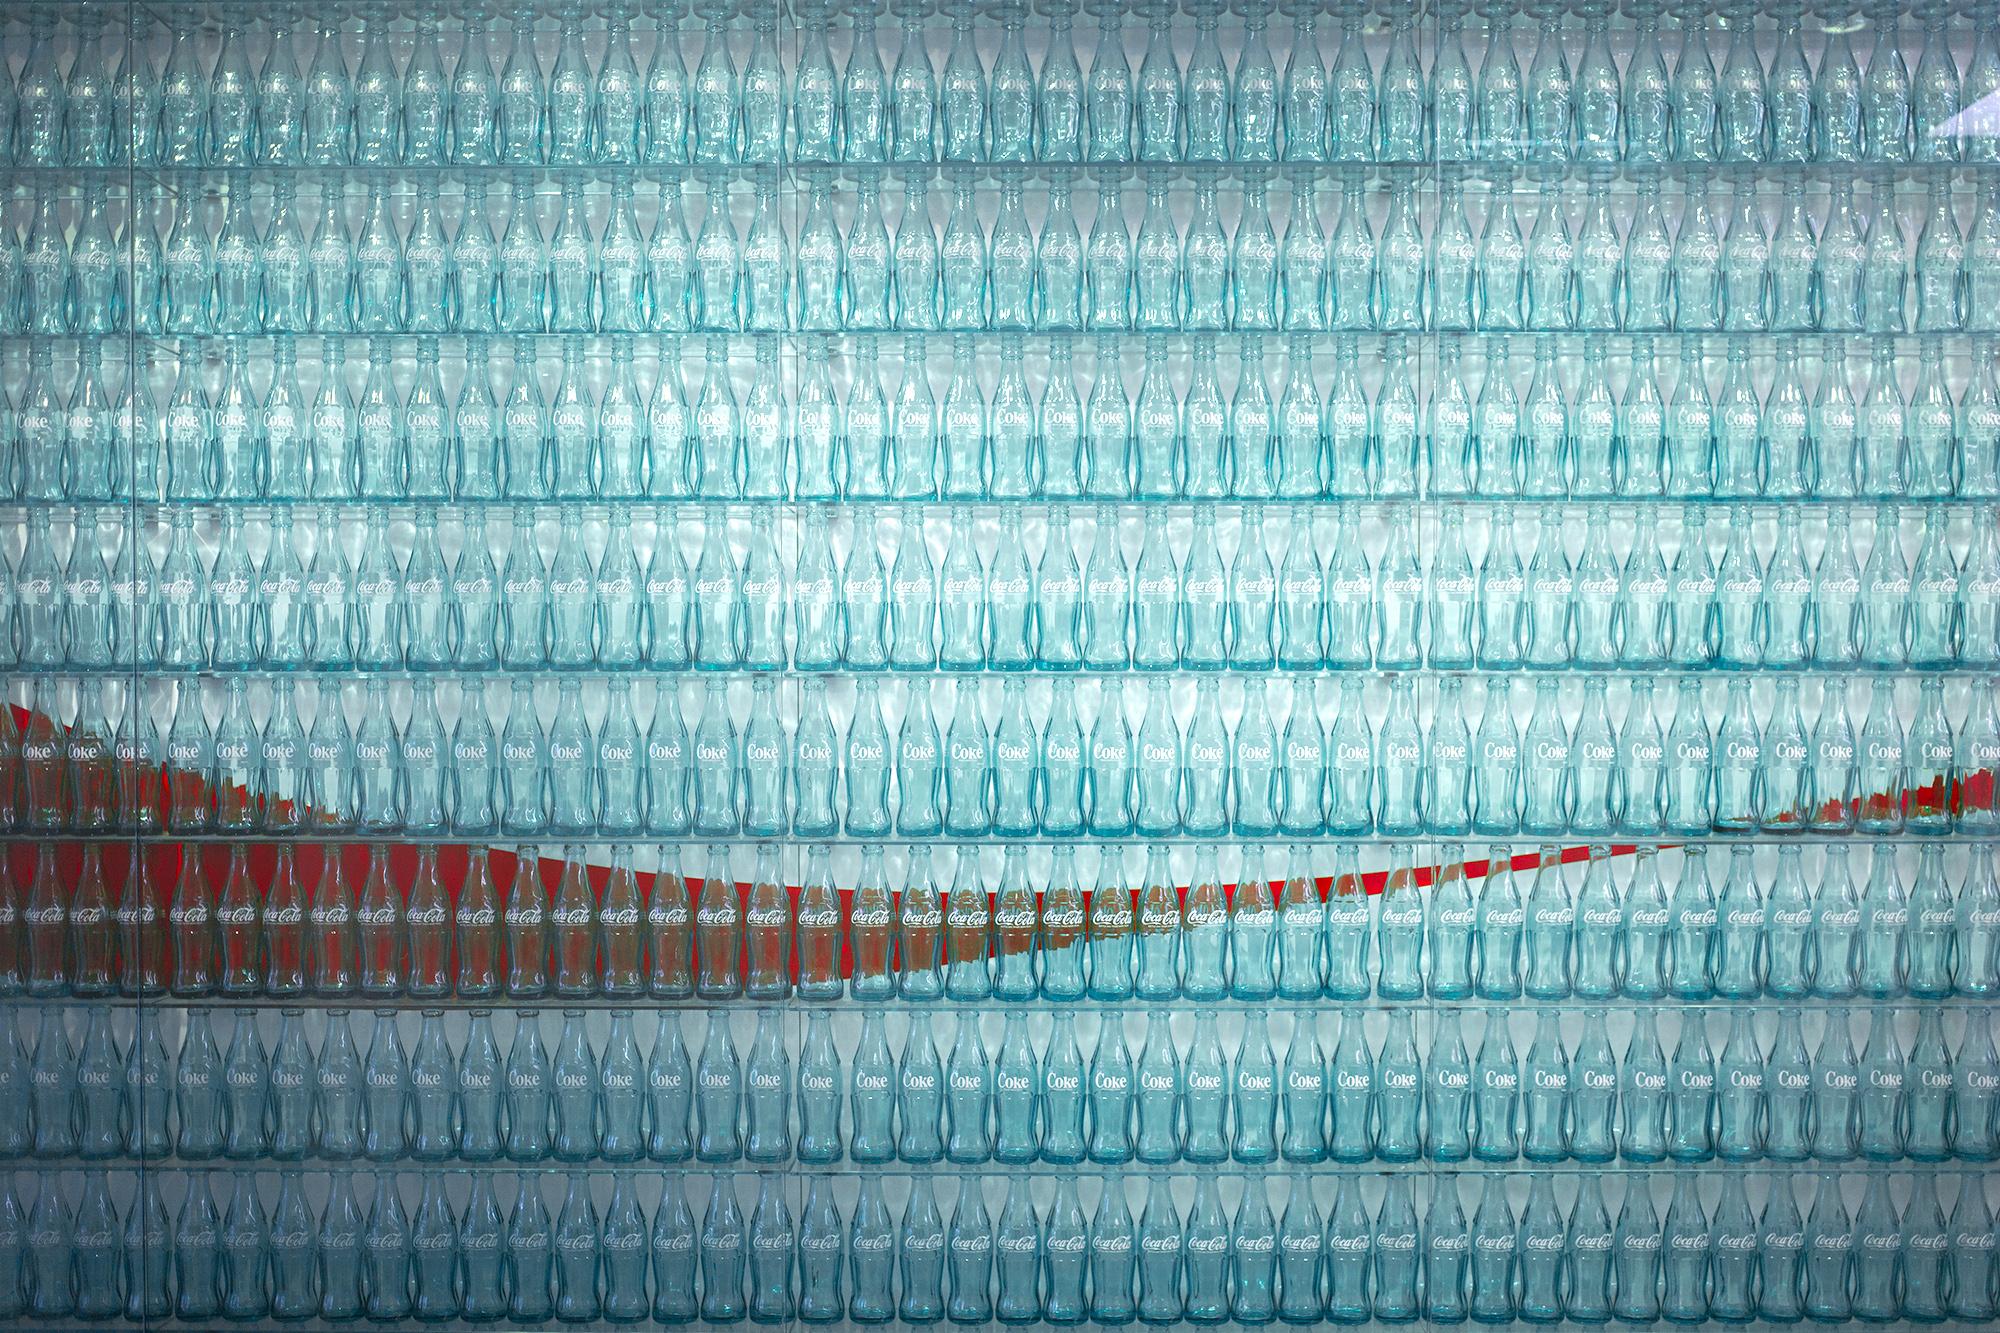 A visitors display at a Coca-Cola bottling plant, Hong Kong, 2016.